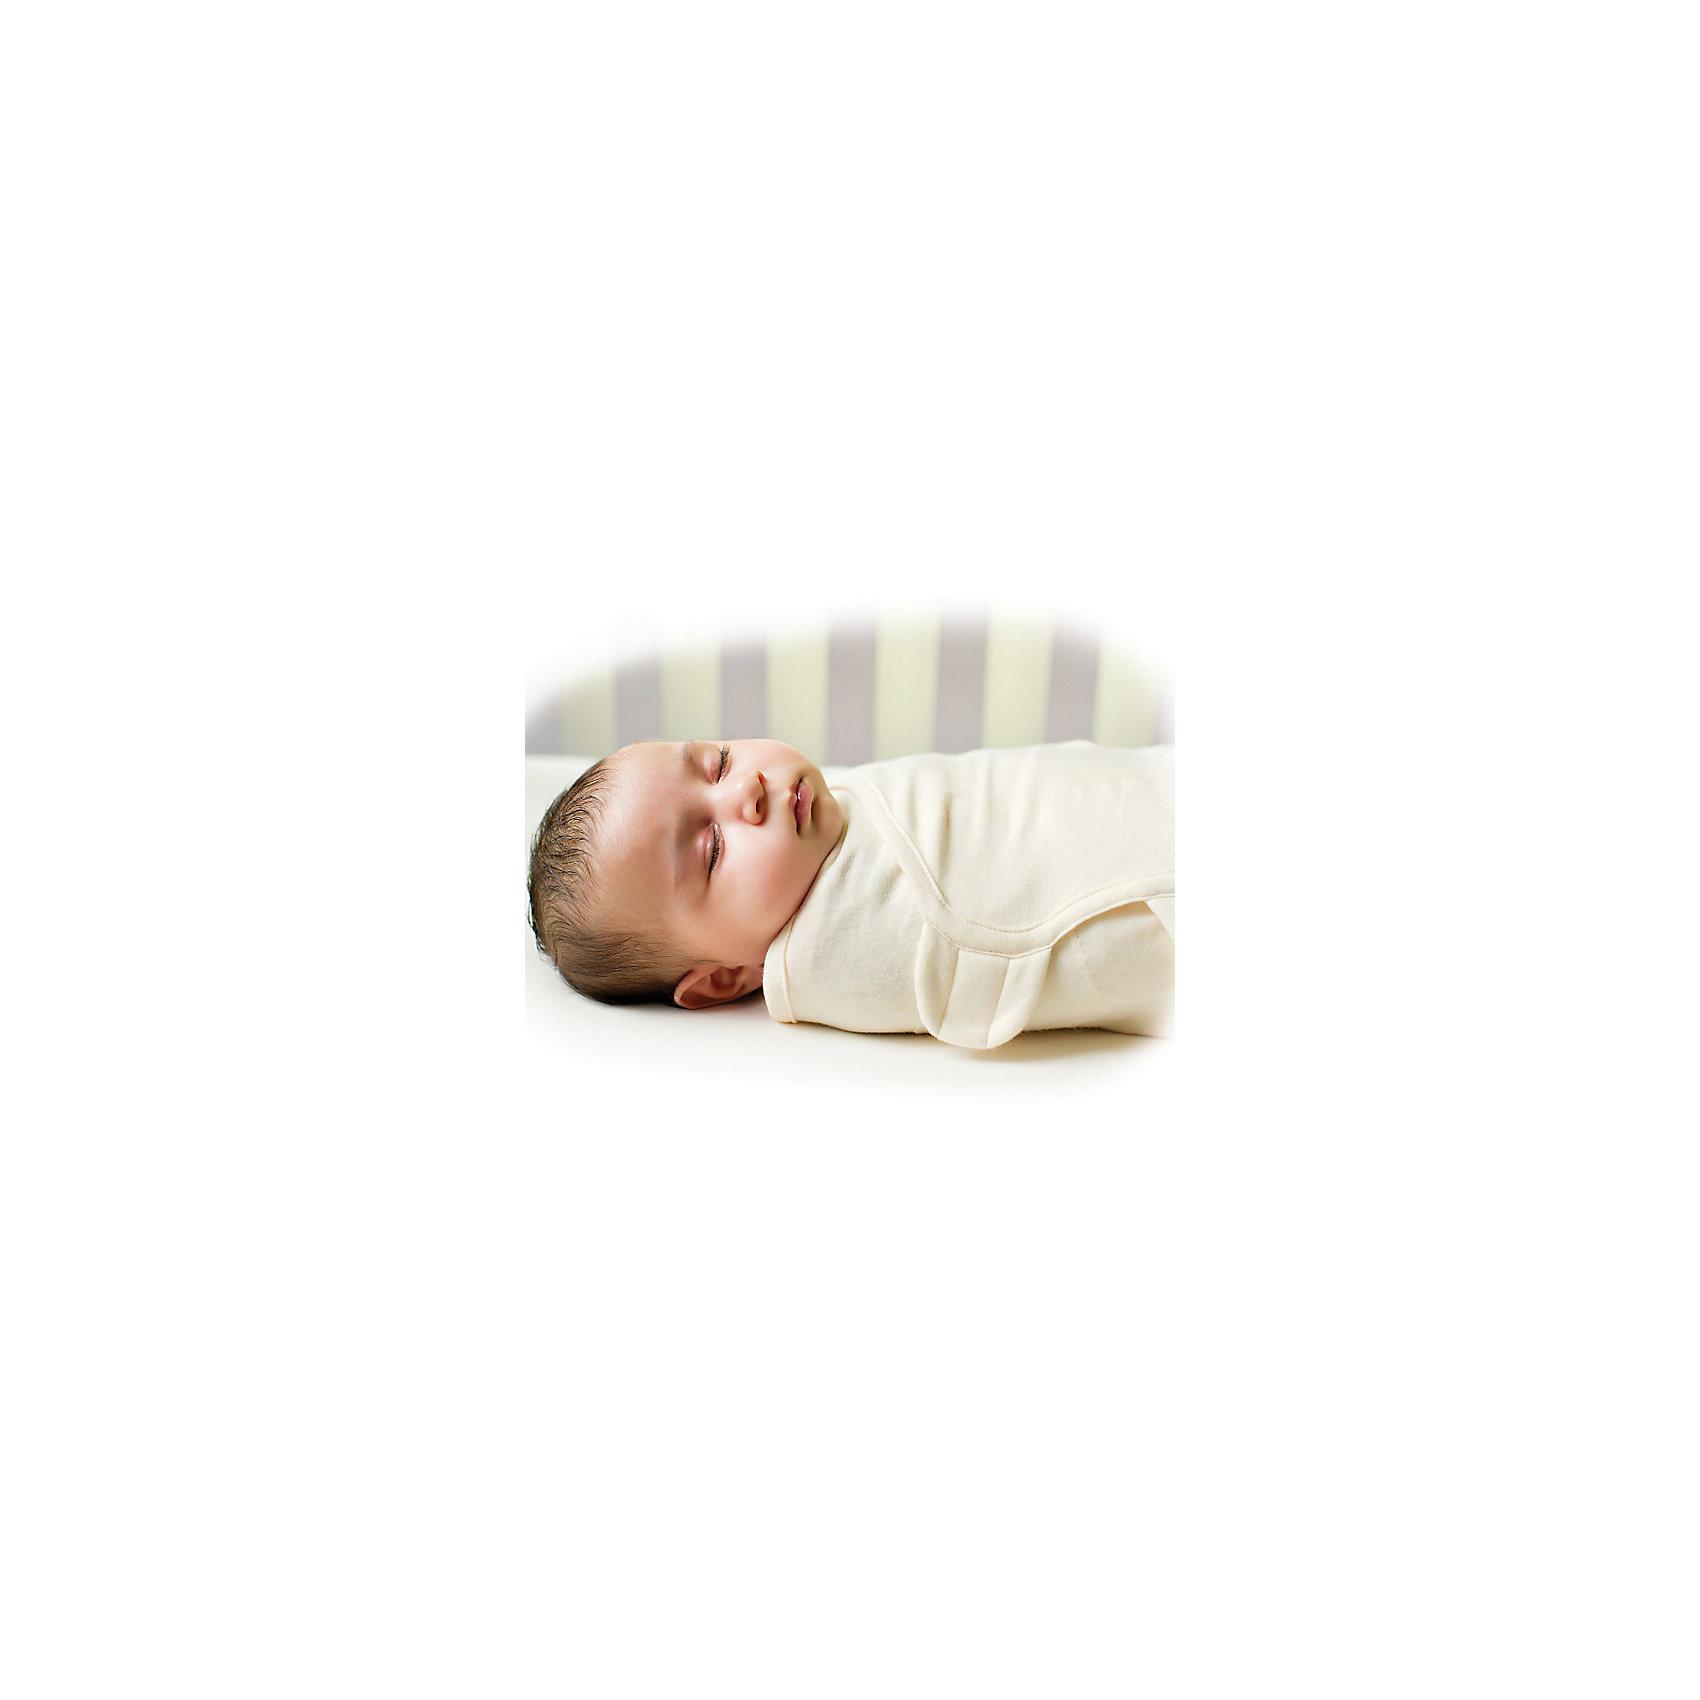 Конверт для пеленания на липучке, SWADDLEME® ORGANIC, р-р S/M, кремовый